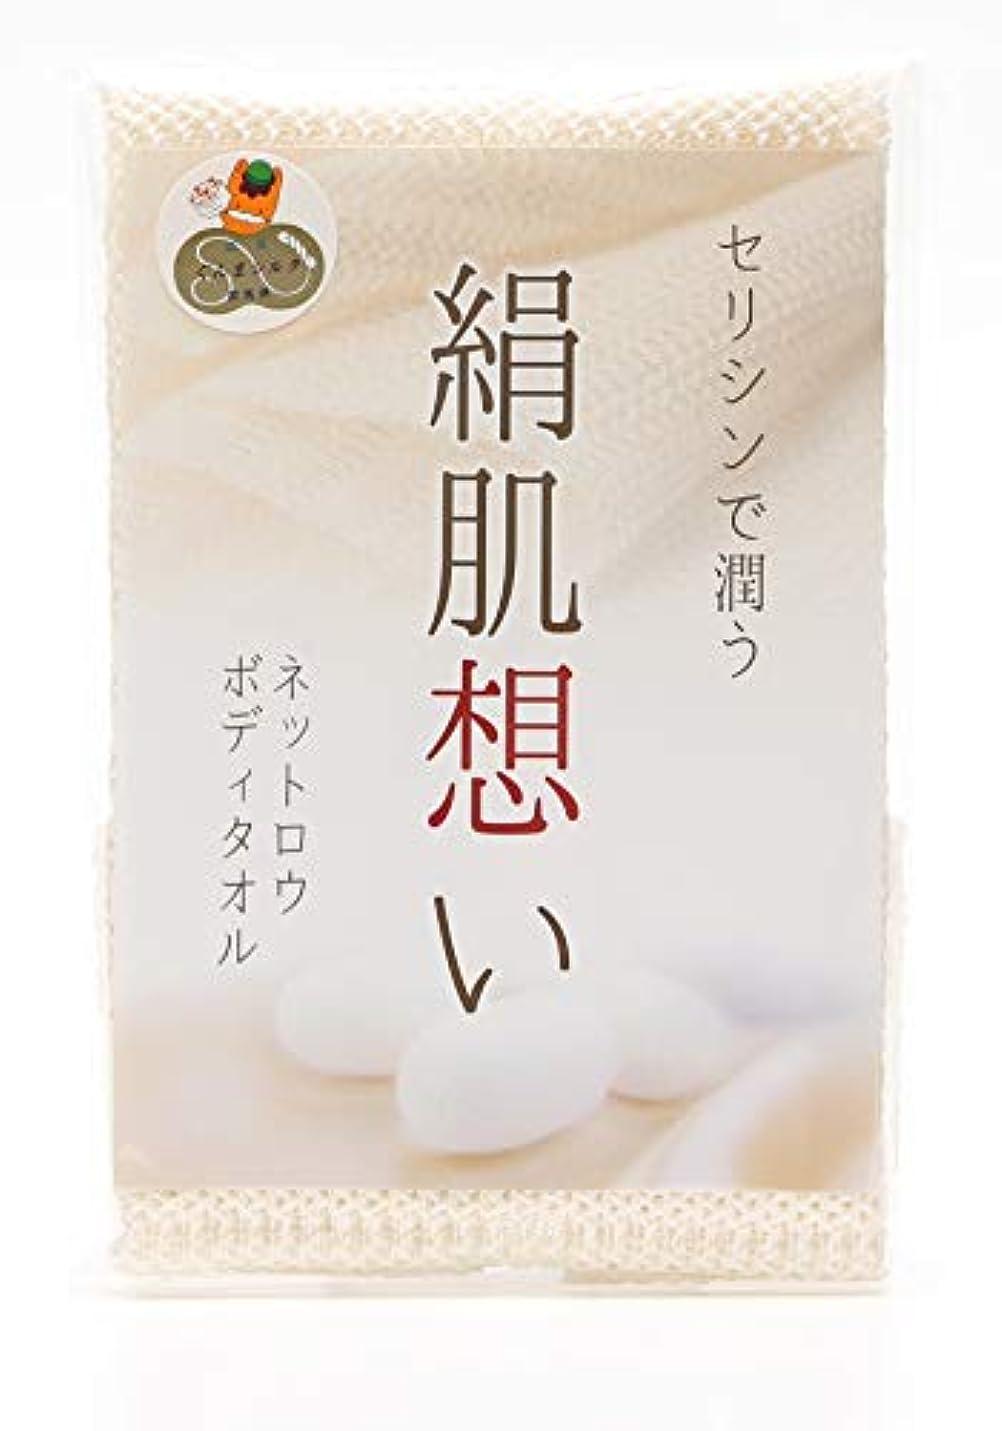 期待秘密の老朽化した[ハッピーシルク] シルクボディータオル 「絹肌想い 」浴用ボディタオル セリシンで潤う シルク100% ネットロウ